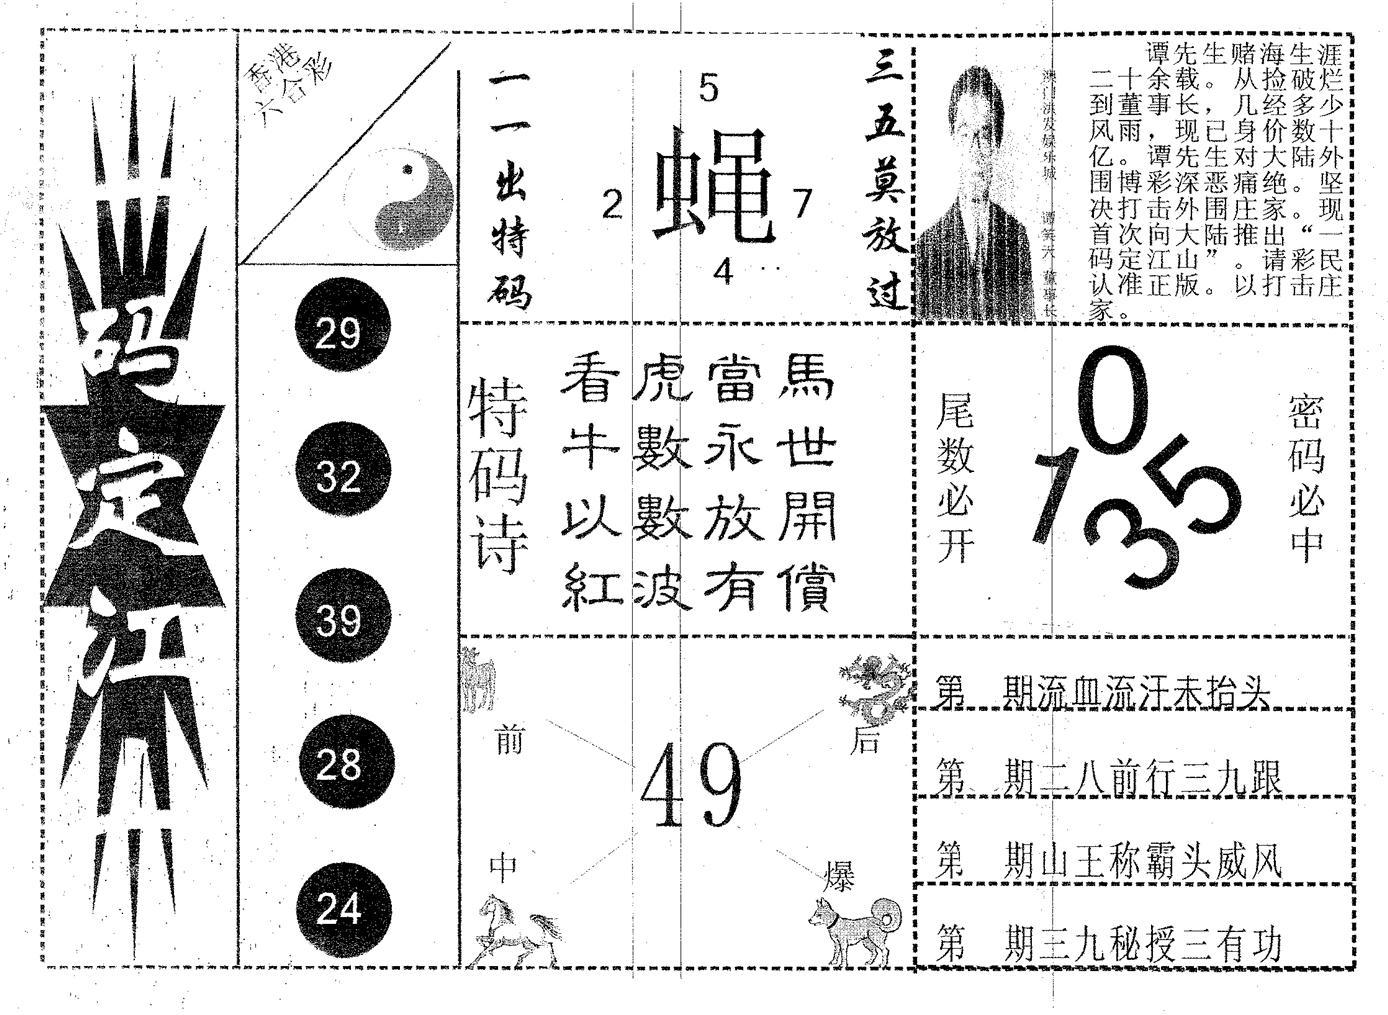 079期一码定江山(黑白)